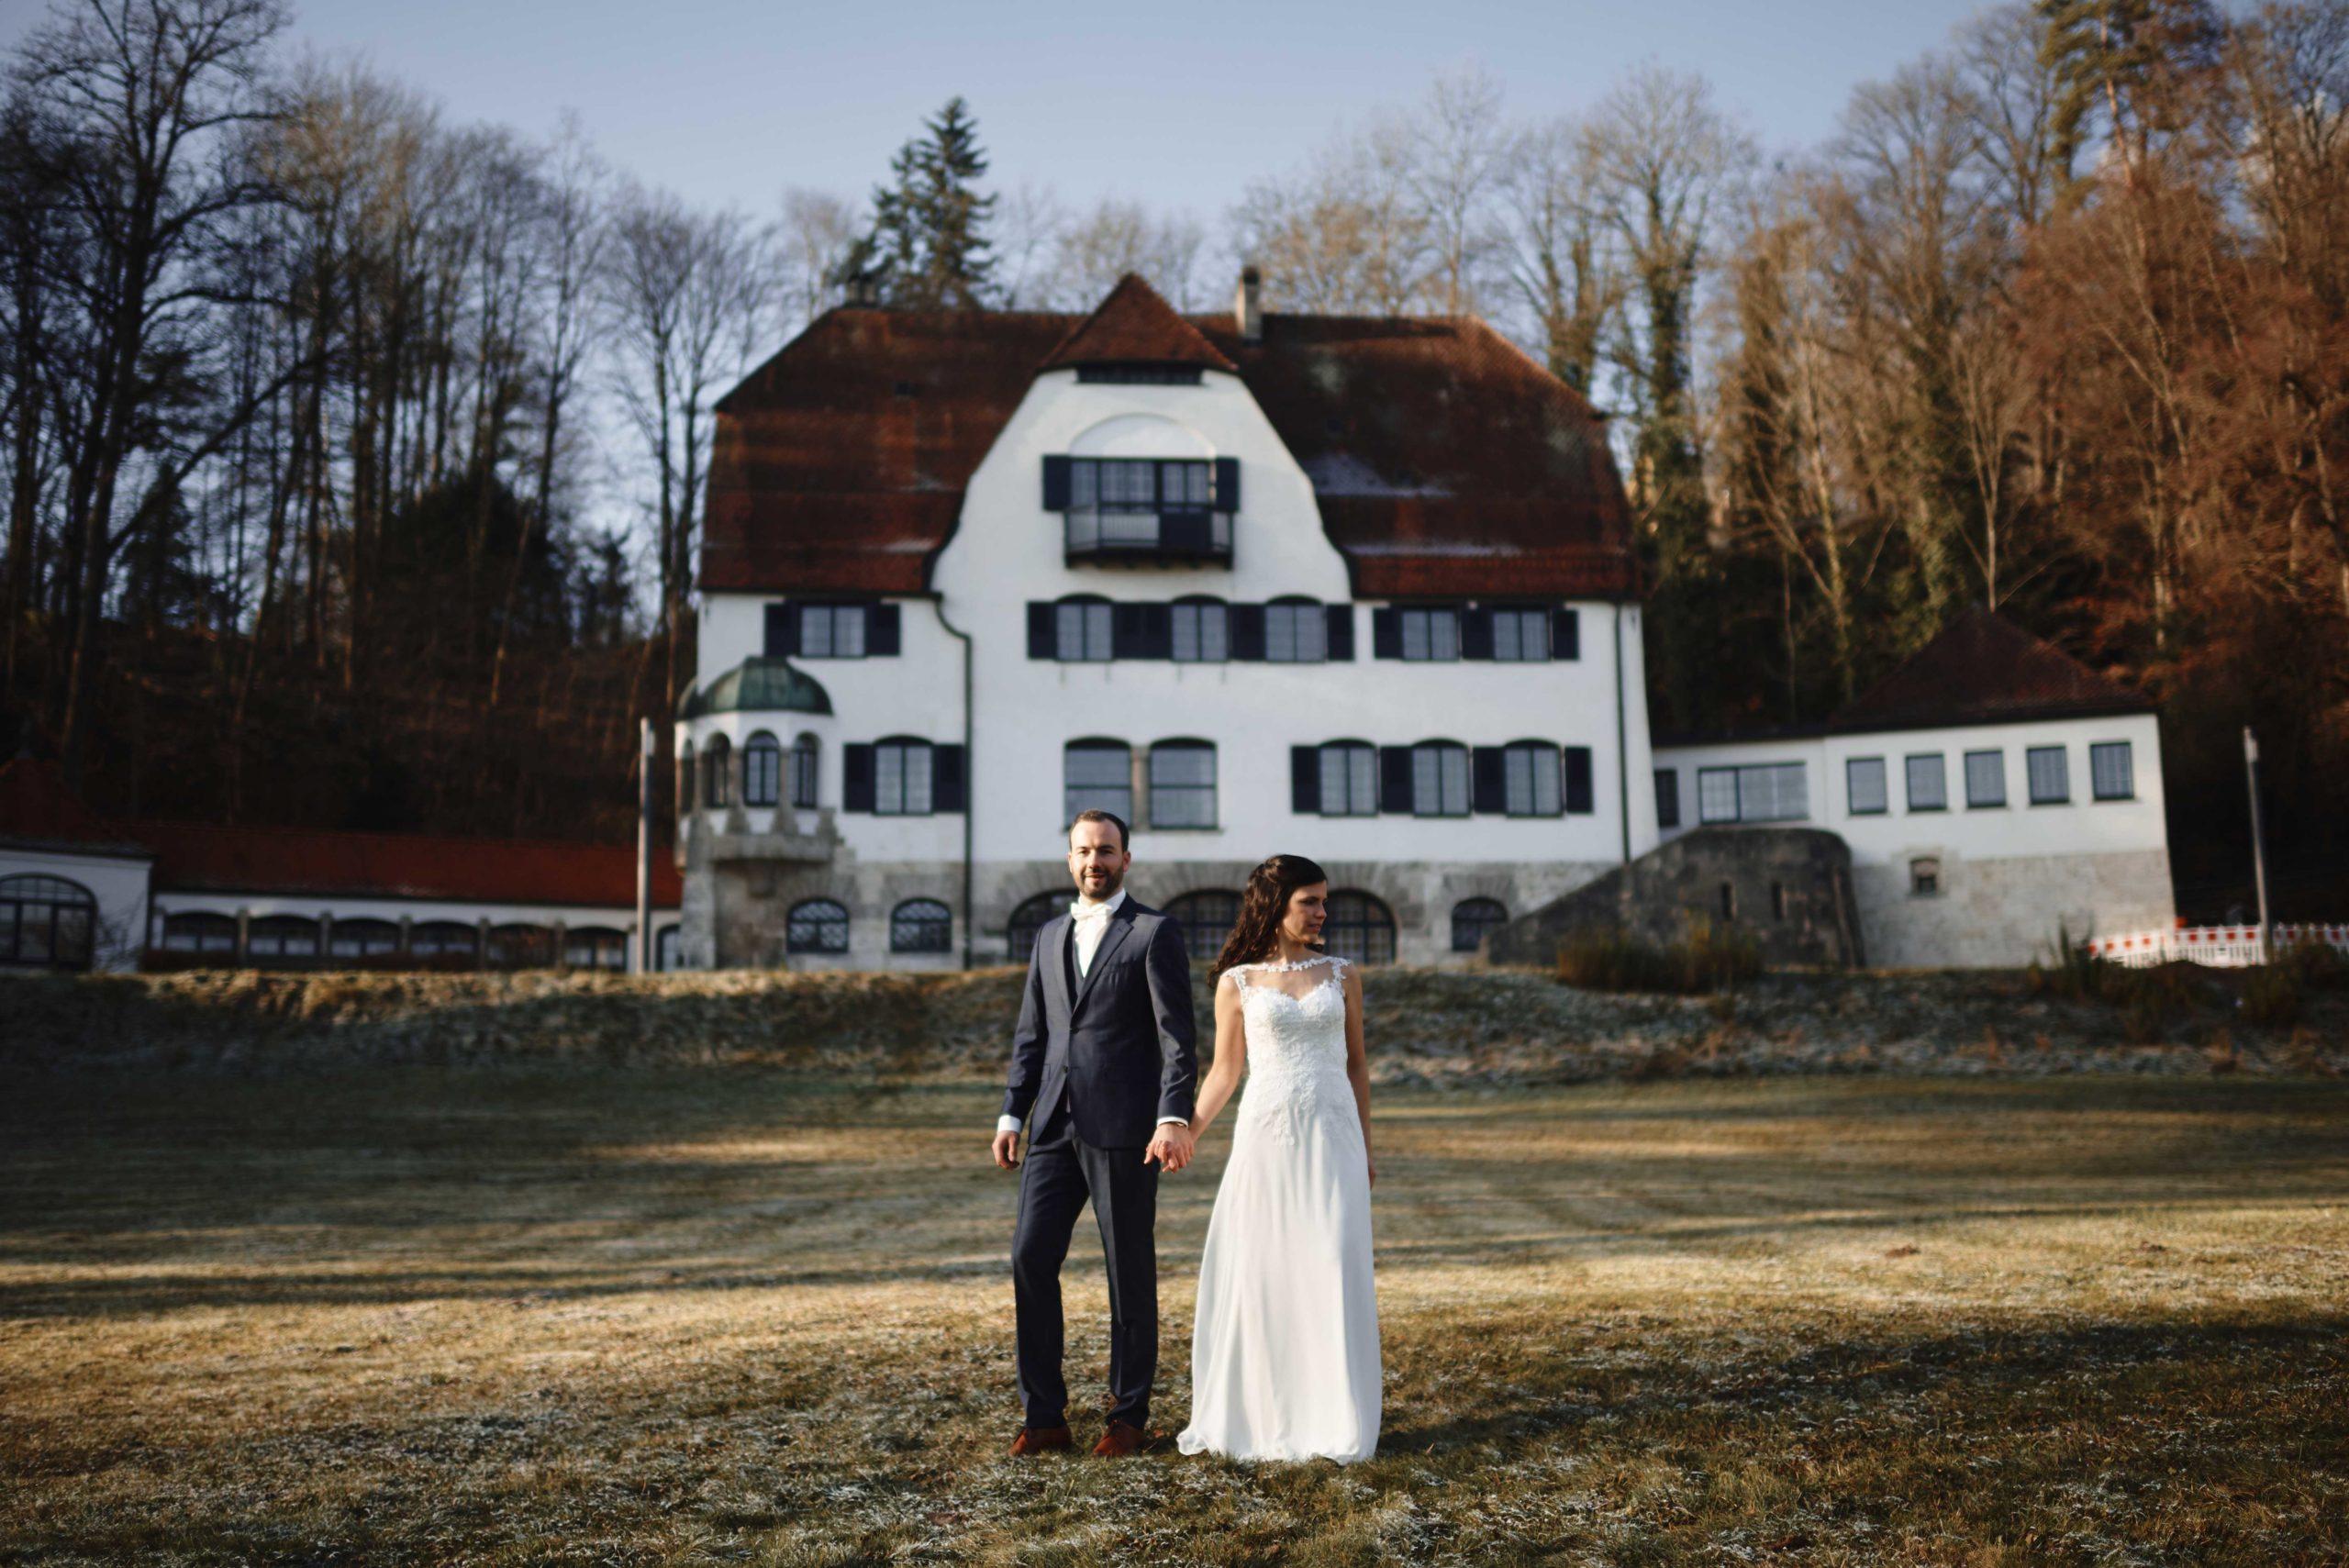 Martin Spoerl Hochzeitsfotograf Blaustein 0007 scaled